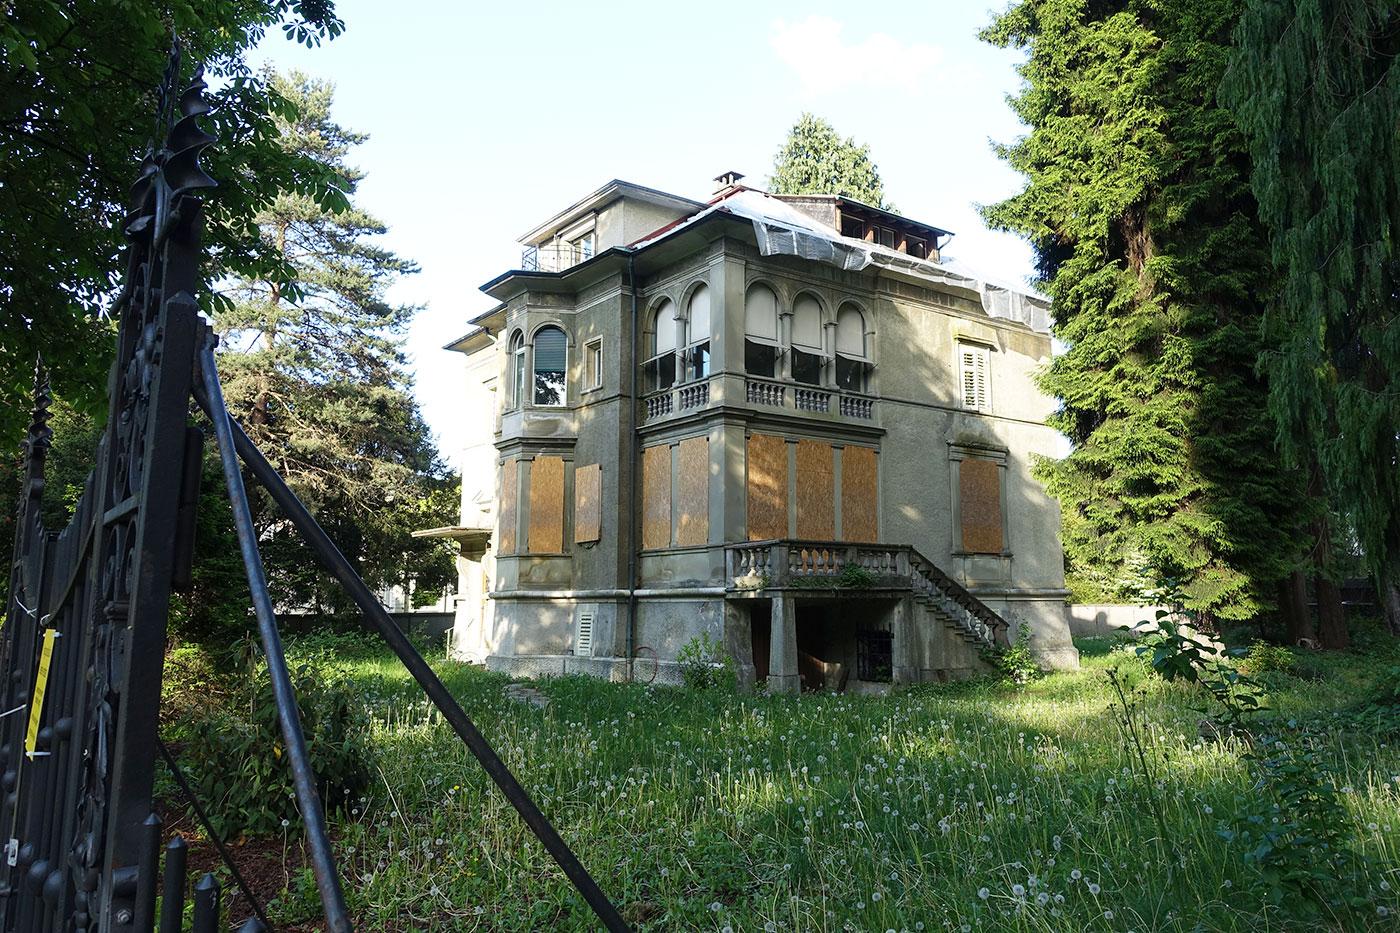 Zugebrettert und umwuchert wartet die Bodum-Villa an der Obergrundstrasse 99 auf ihr Schicksal.